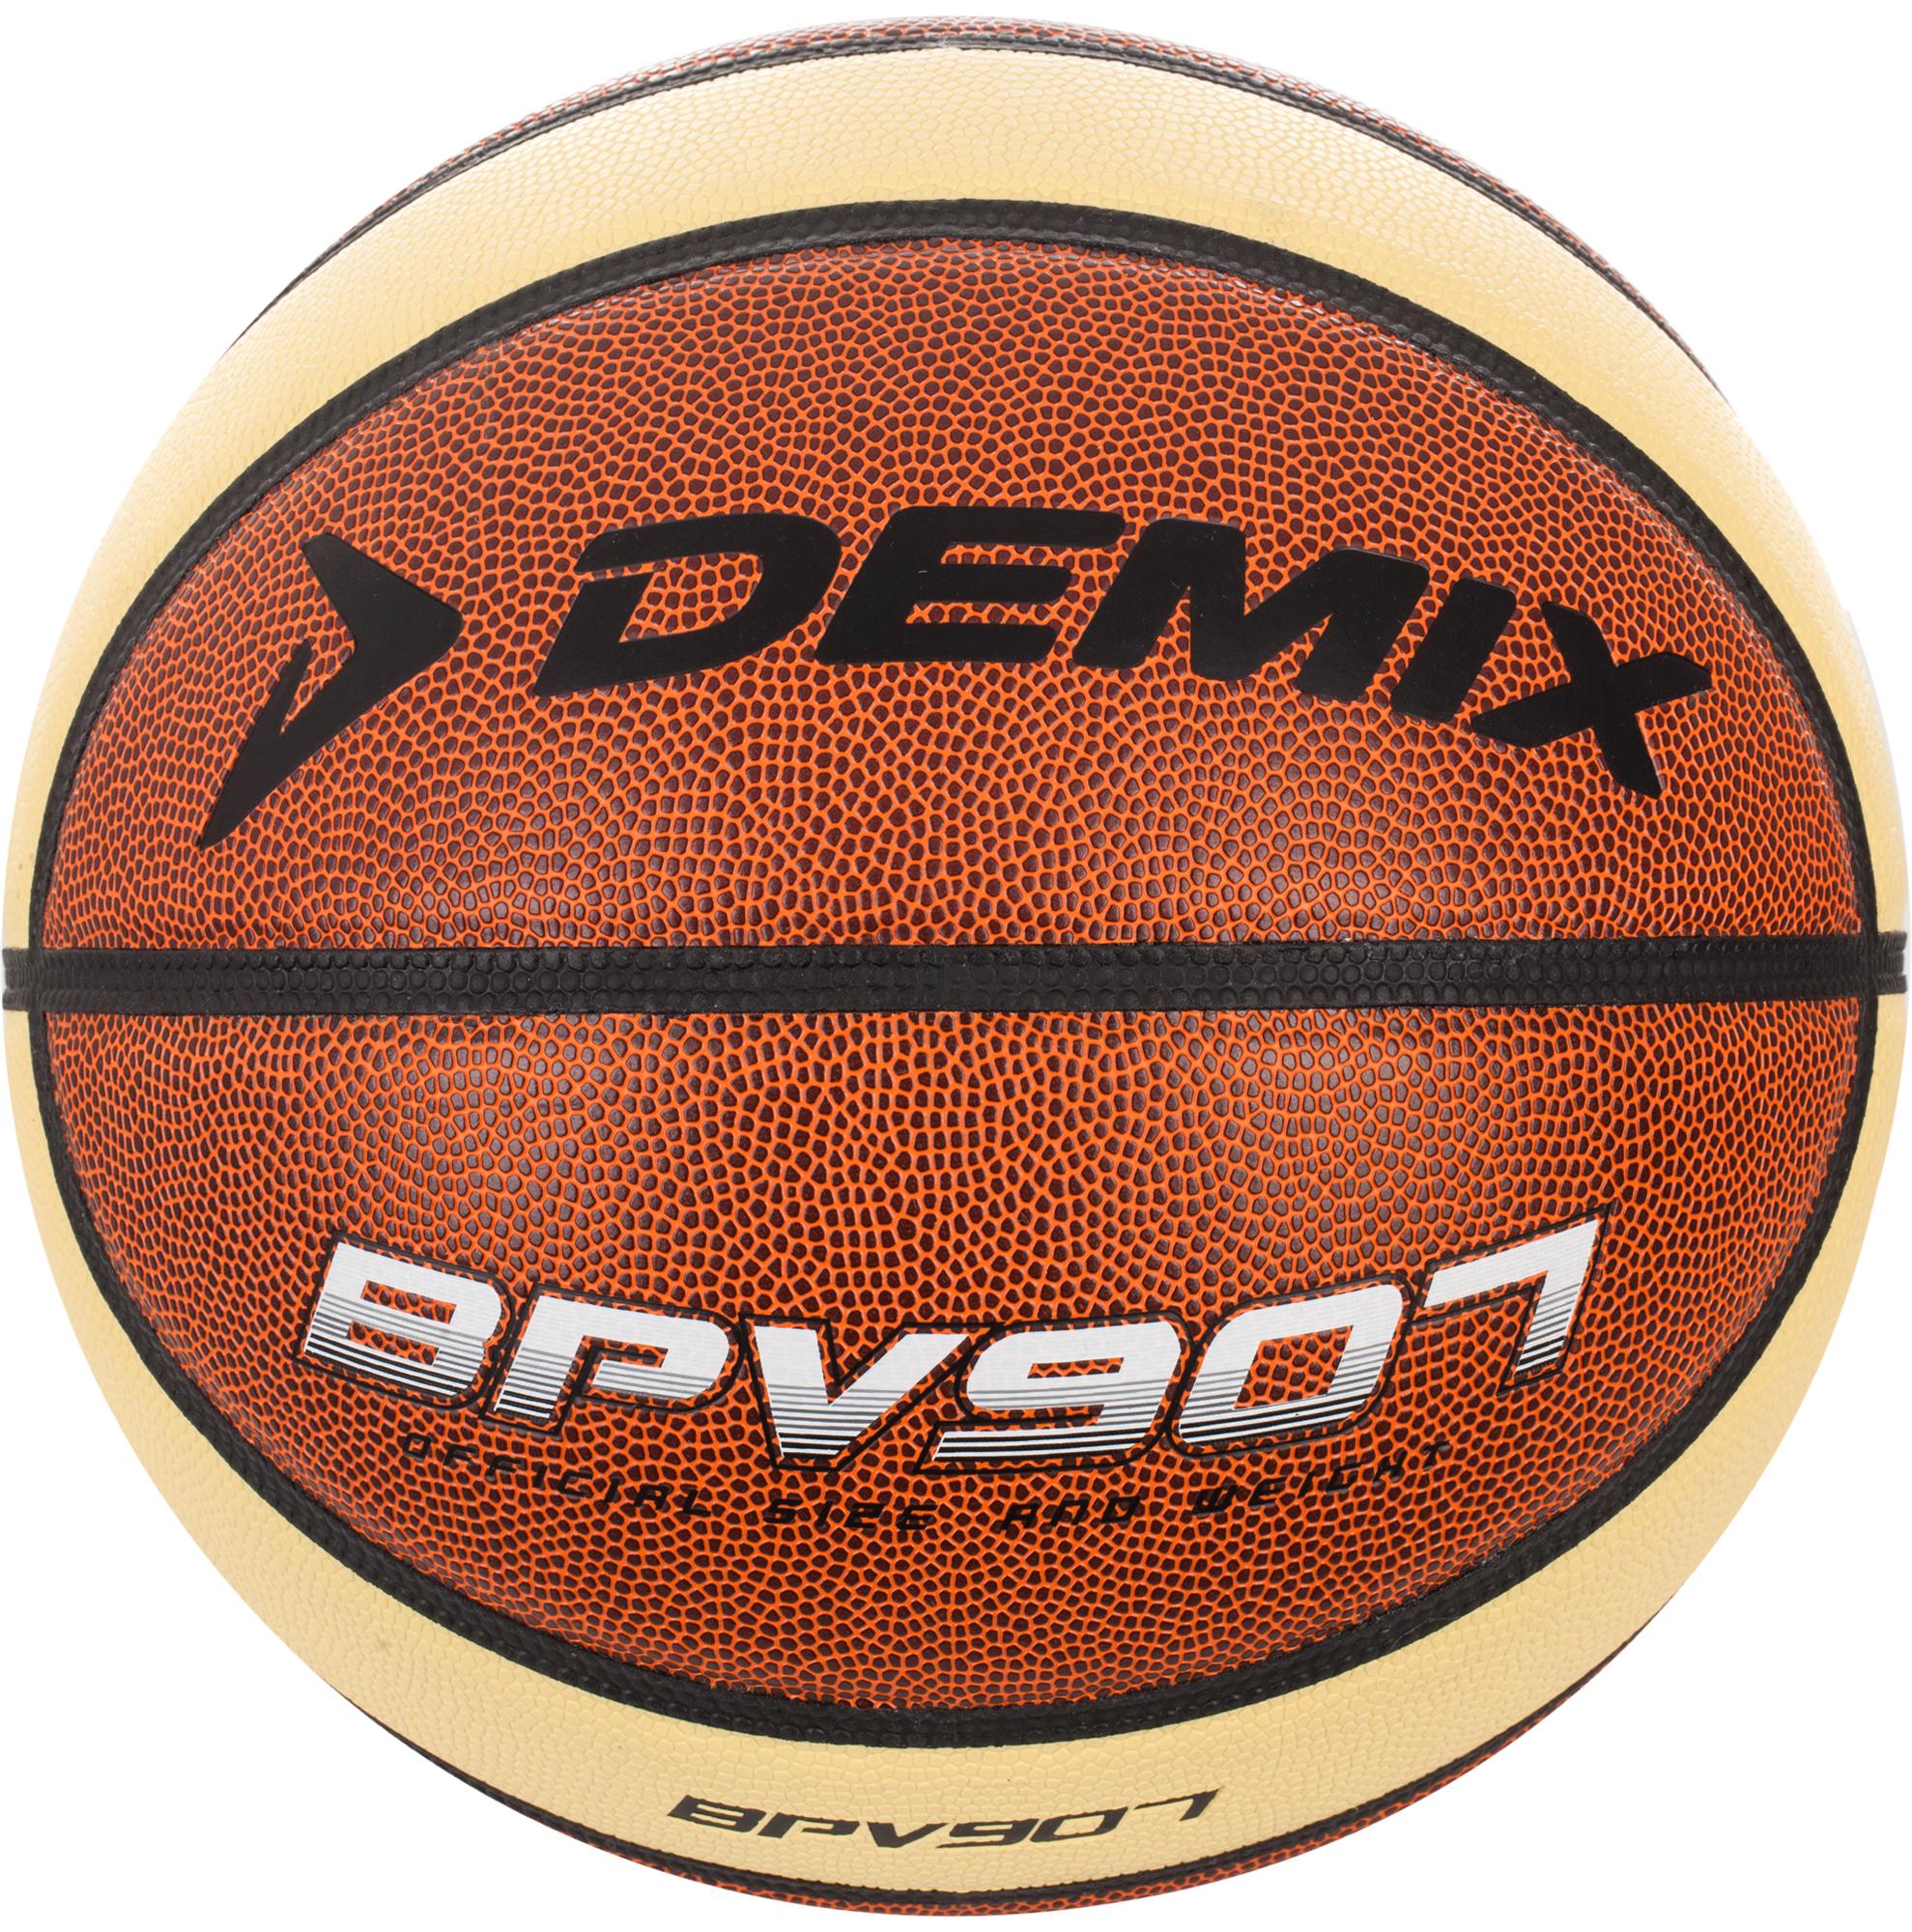 Demix Мяч баскетбольный Demix мяч баскетбольный adidas performance all court цвет оранжевый x35859